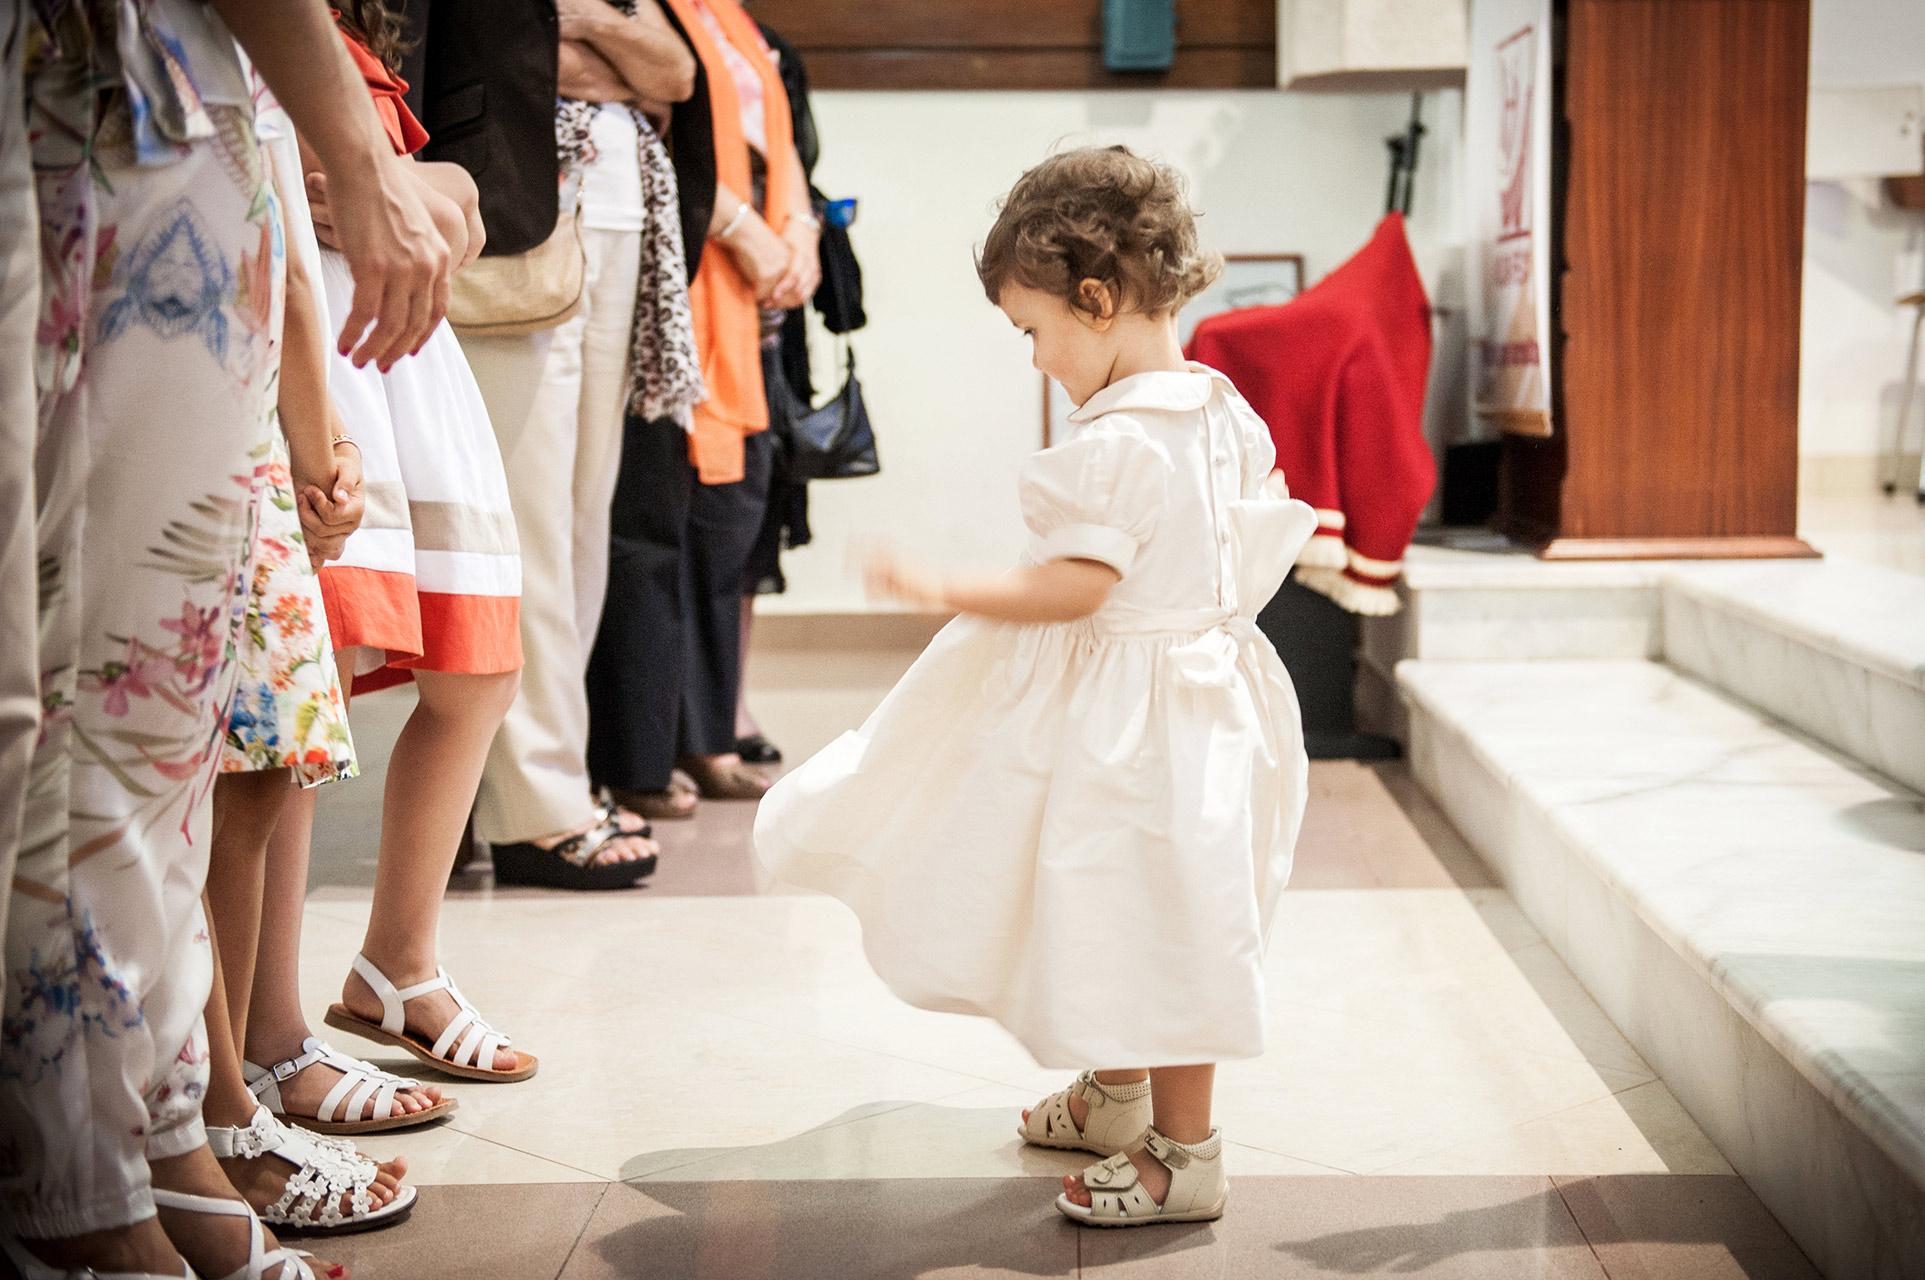 Ines-baptizado-12.jpg